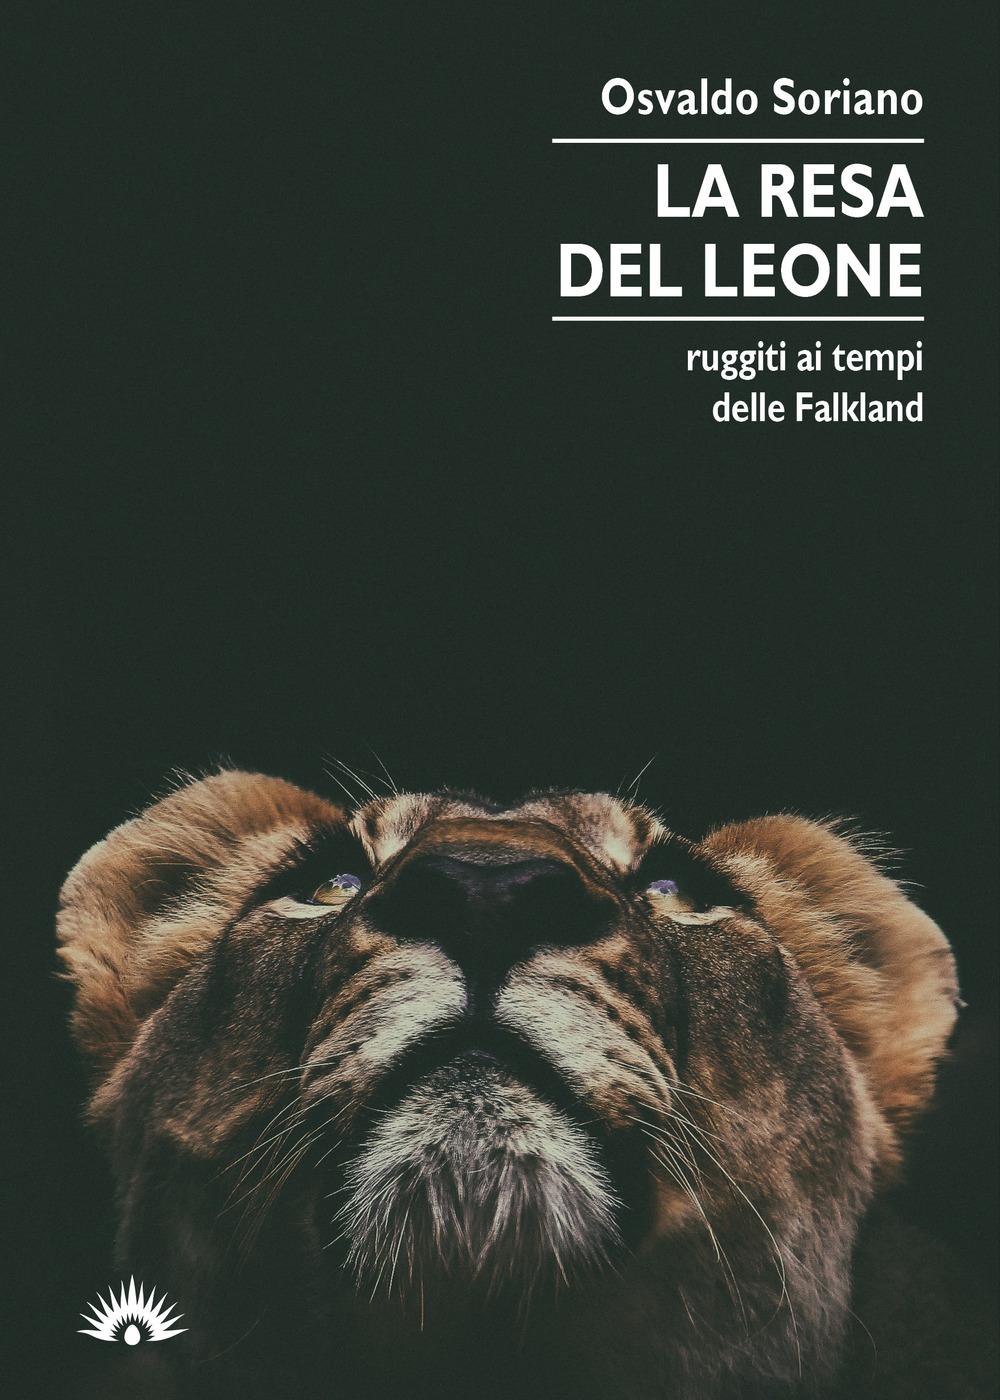 La resa del leone